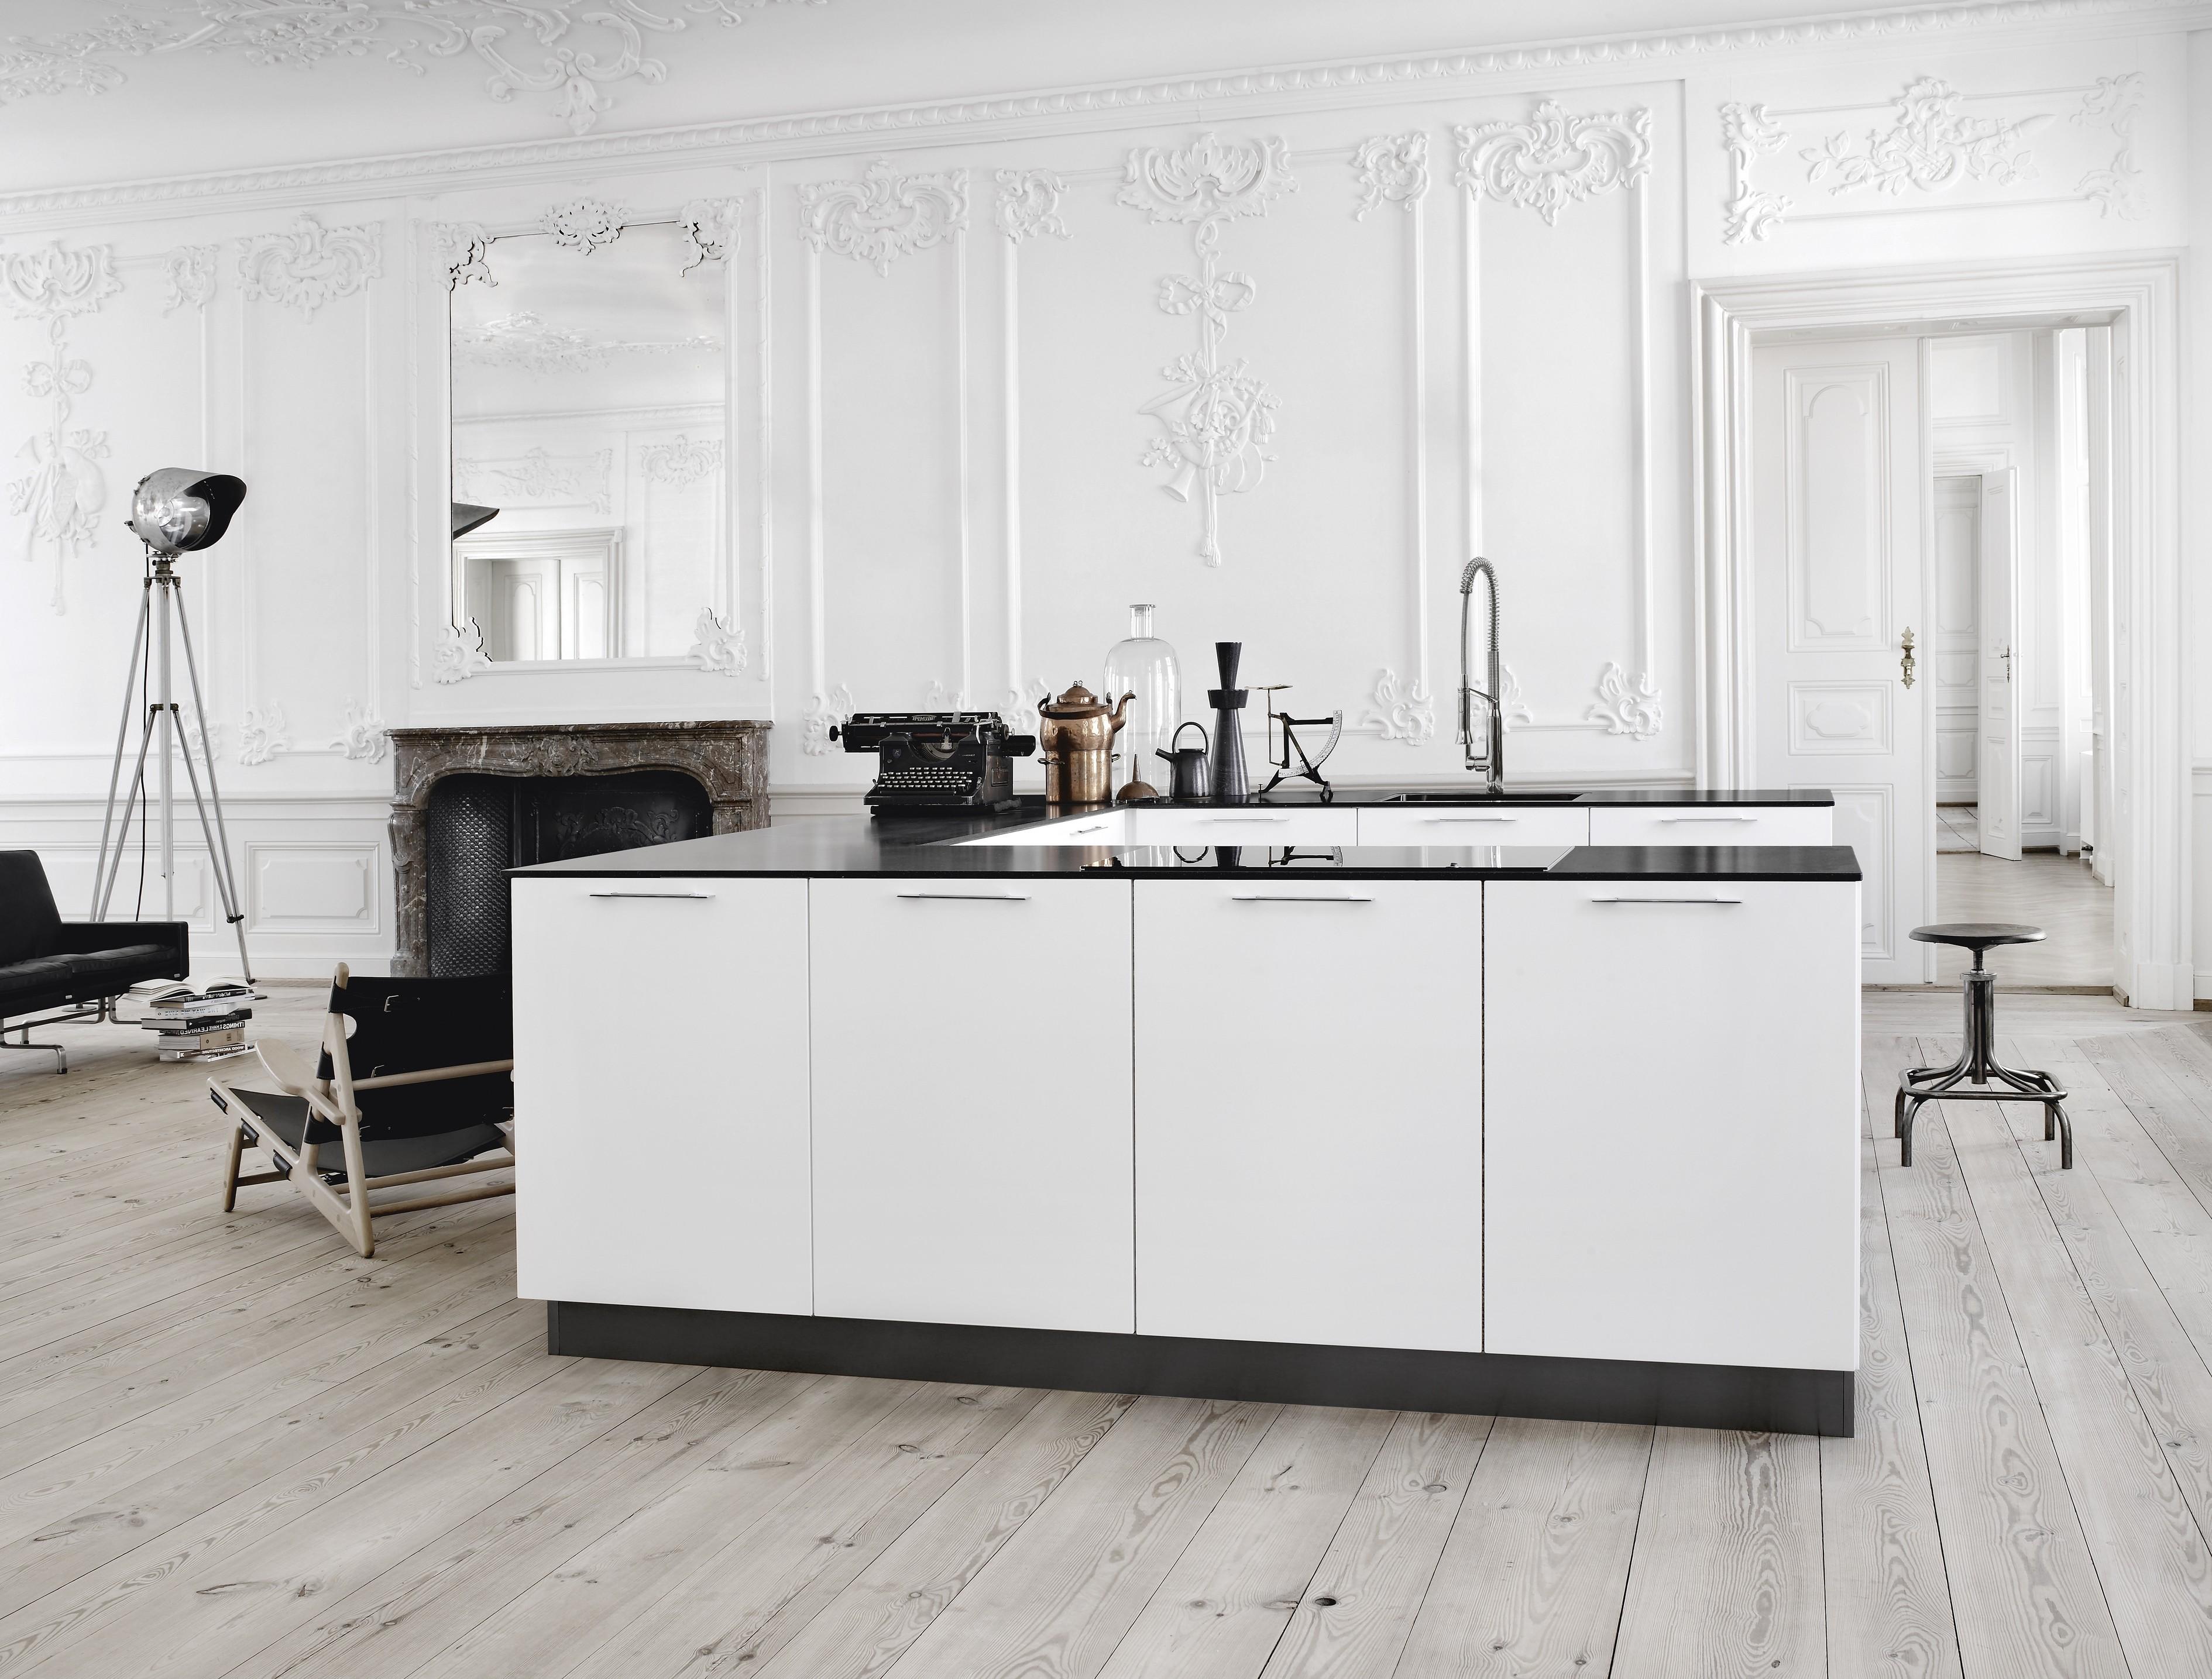 Poignée De Cuisine Ikea poignées meubles cuisine ikea - cuisine : idées de